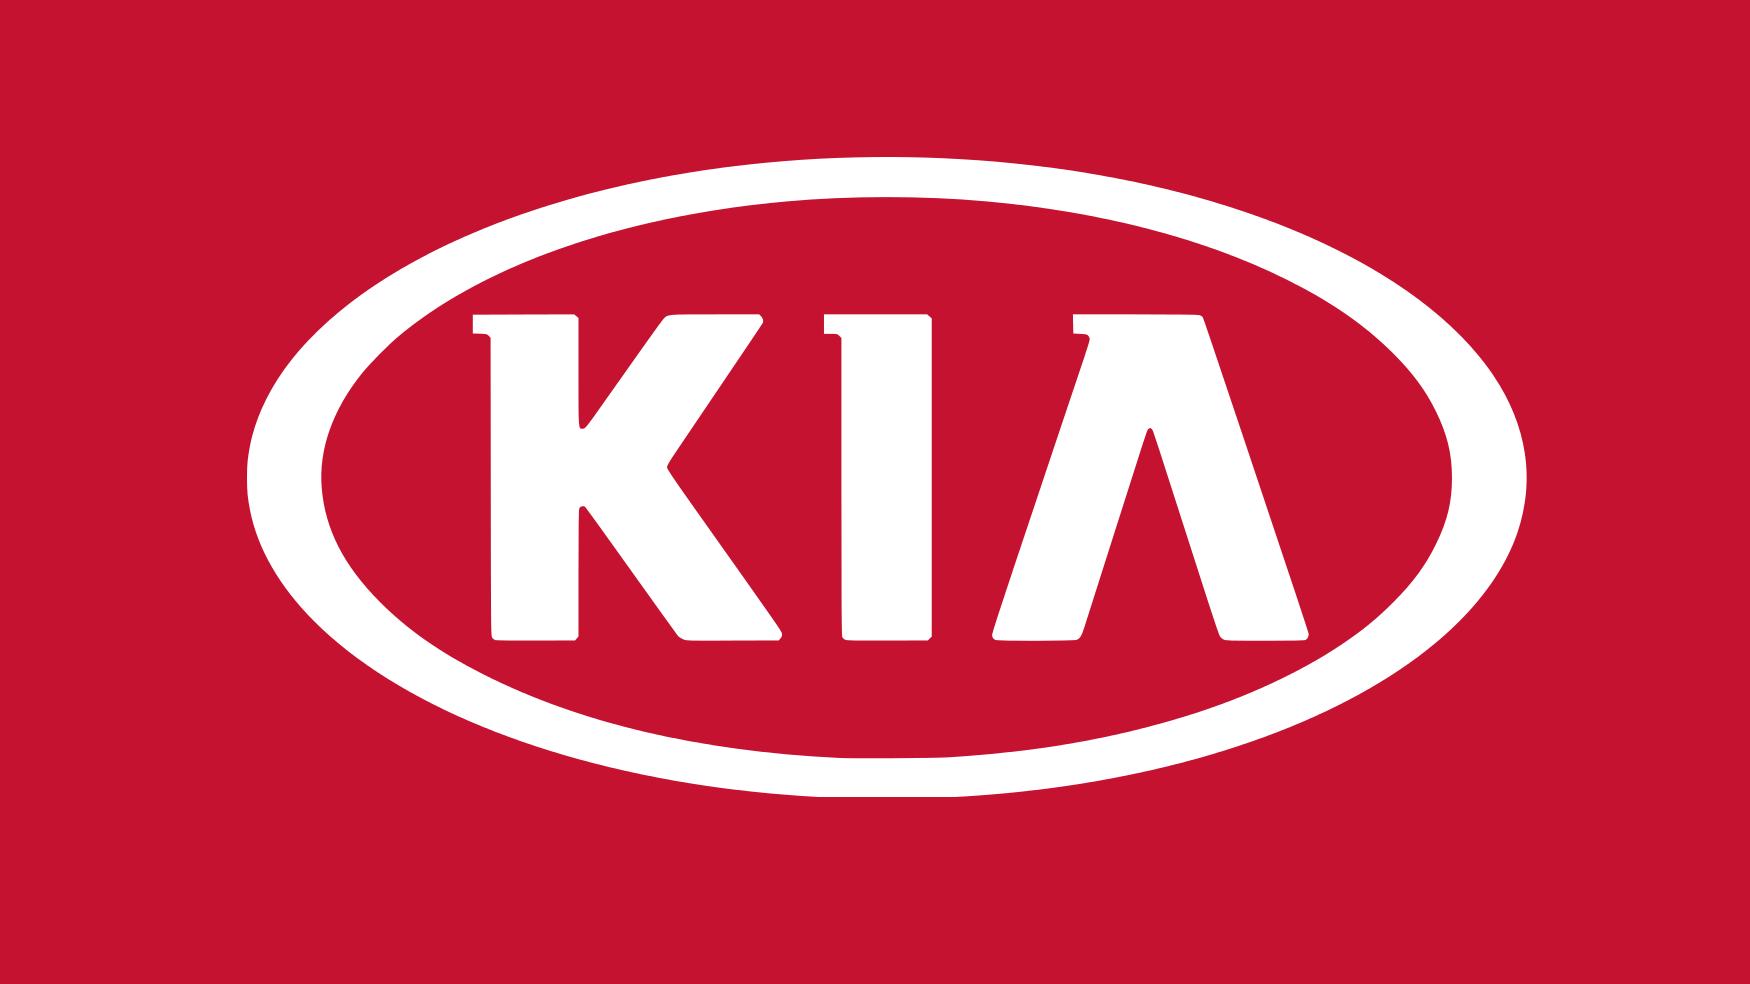 <p><em>Перечень бензиновых автомобилей Kia, на которые мы проводим чип-тюнинг</em></p>